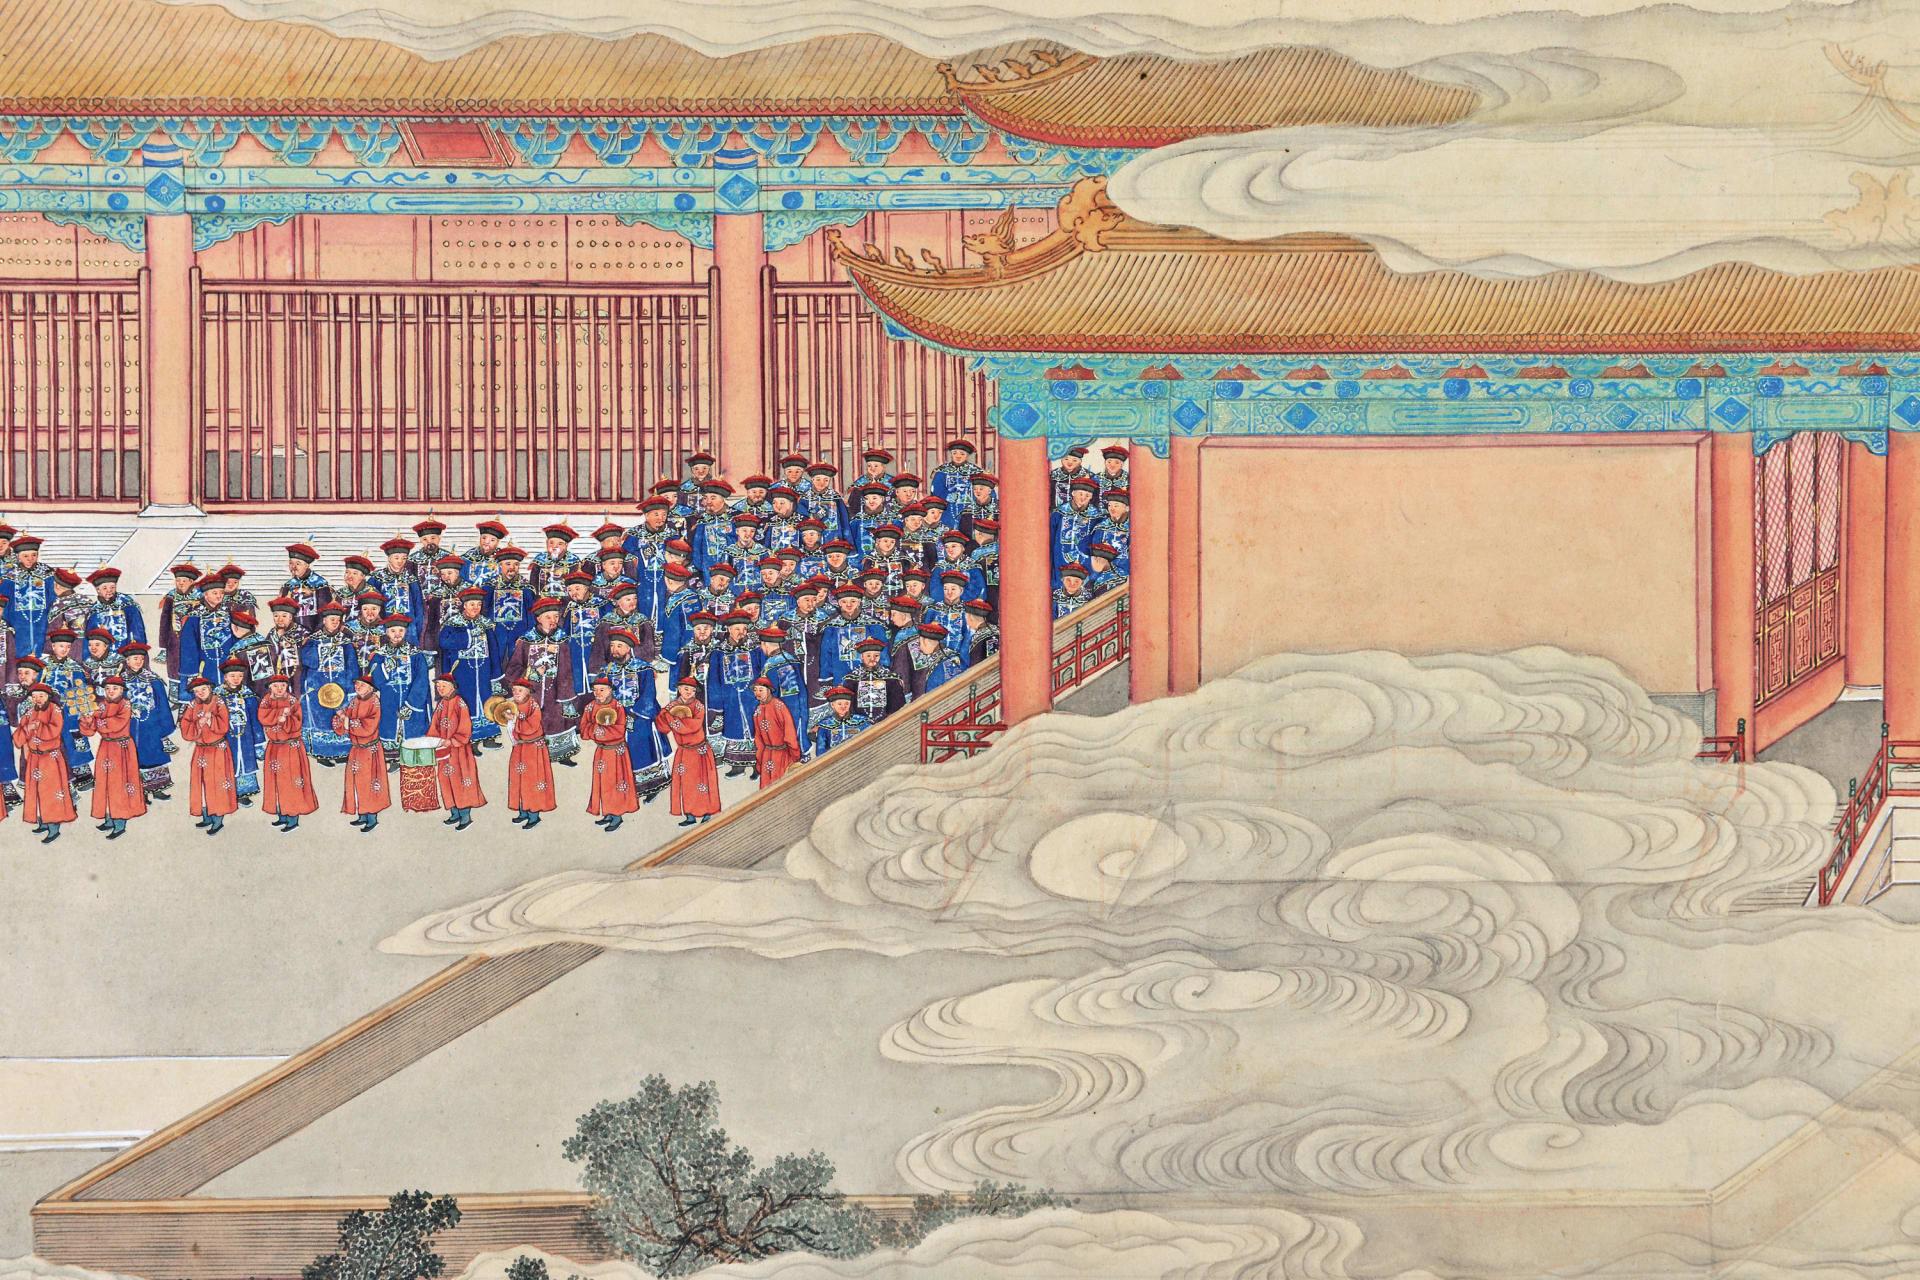 لفيفة تصبح أحد أغلى الأعمال الفنية الصينية في التاريخ